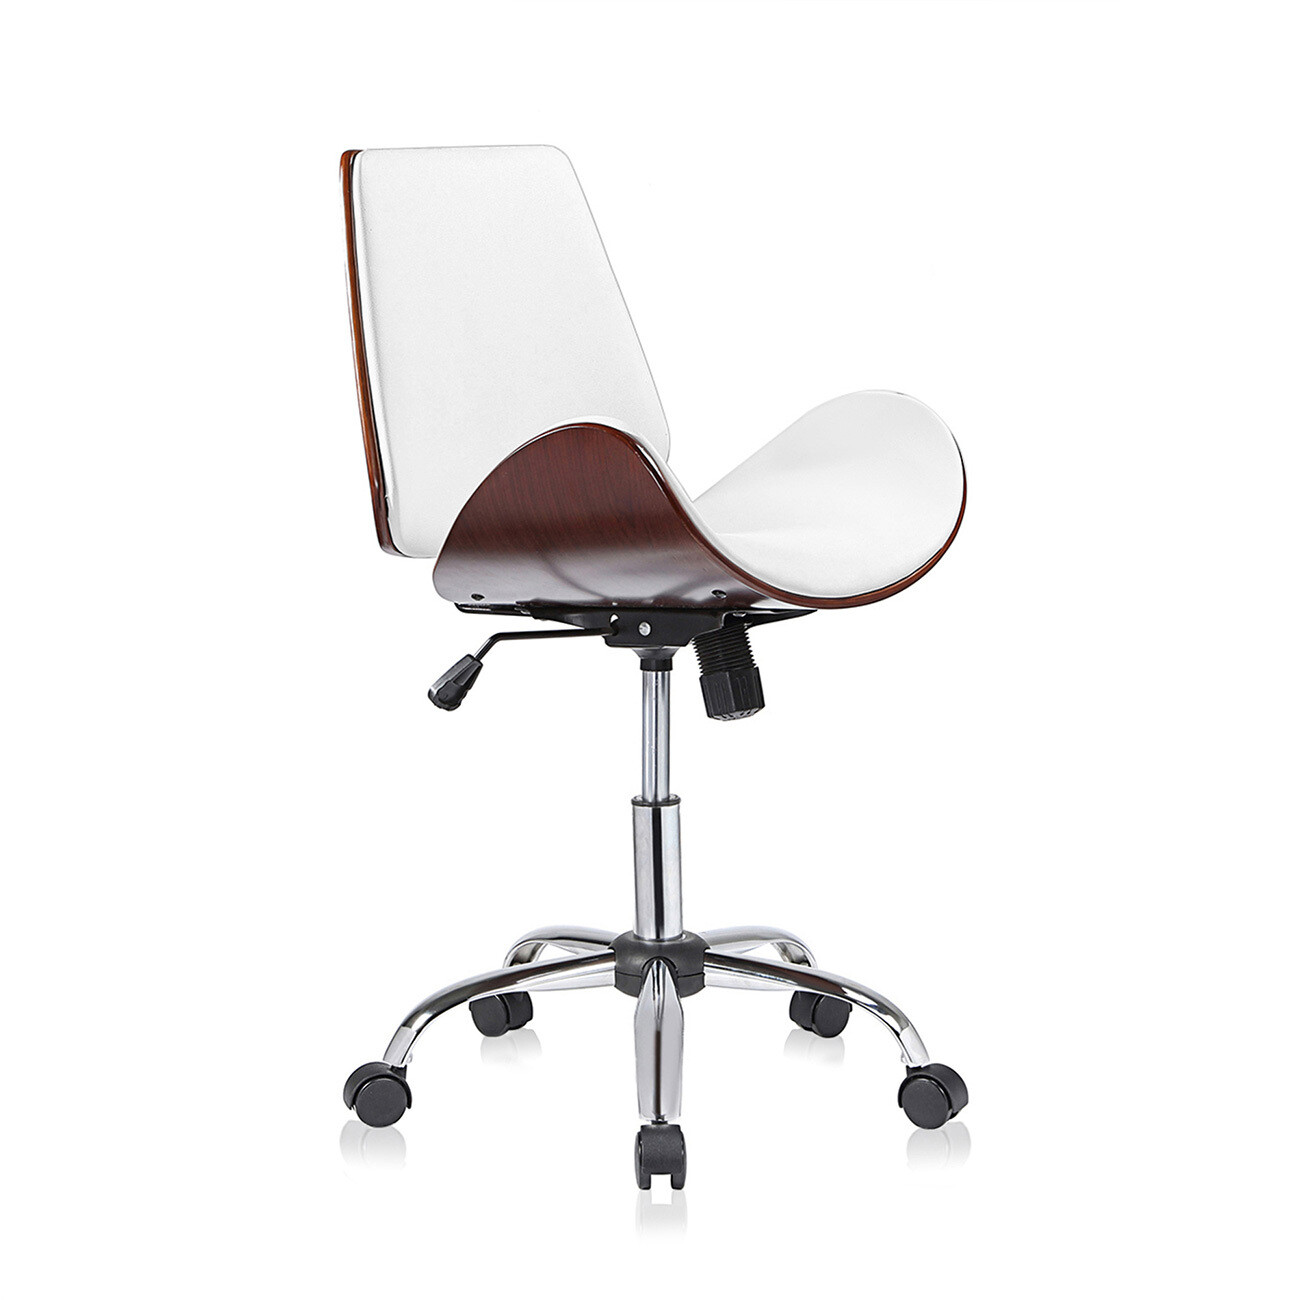 MY SIT Design-Bürostuhl Drehhocker - Constance in Weiss/Braun